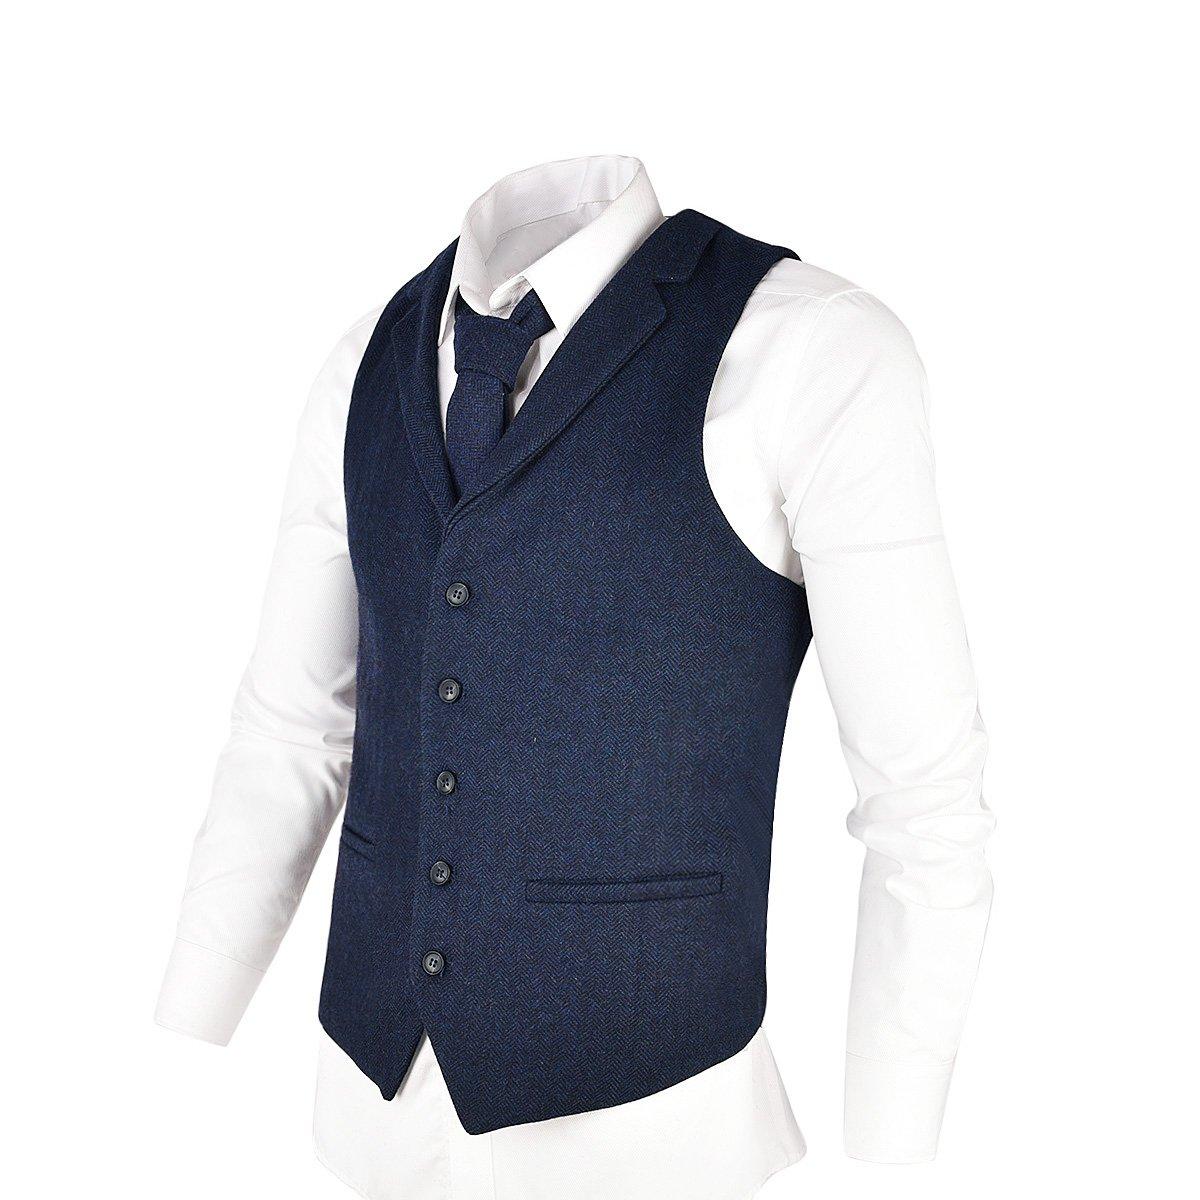 VOBOOM Mens Herringbone Tailored Collar Waistcoat Fullback Wool Tweed Suit Vest (Navy Blue, L)